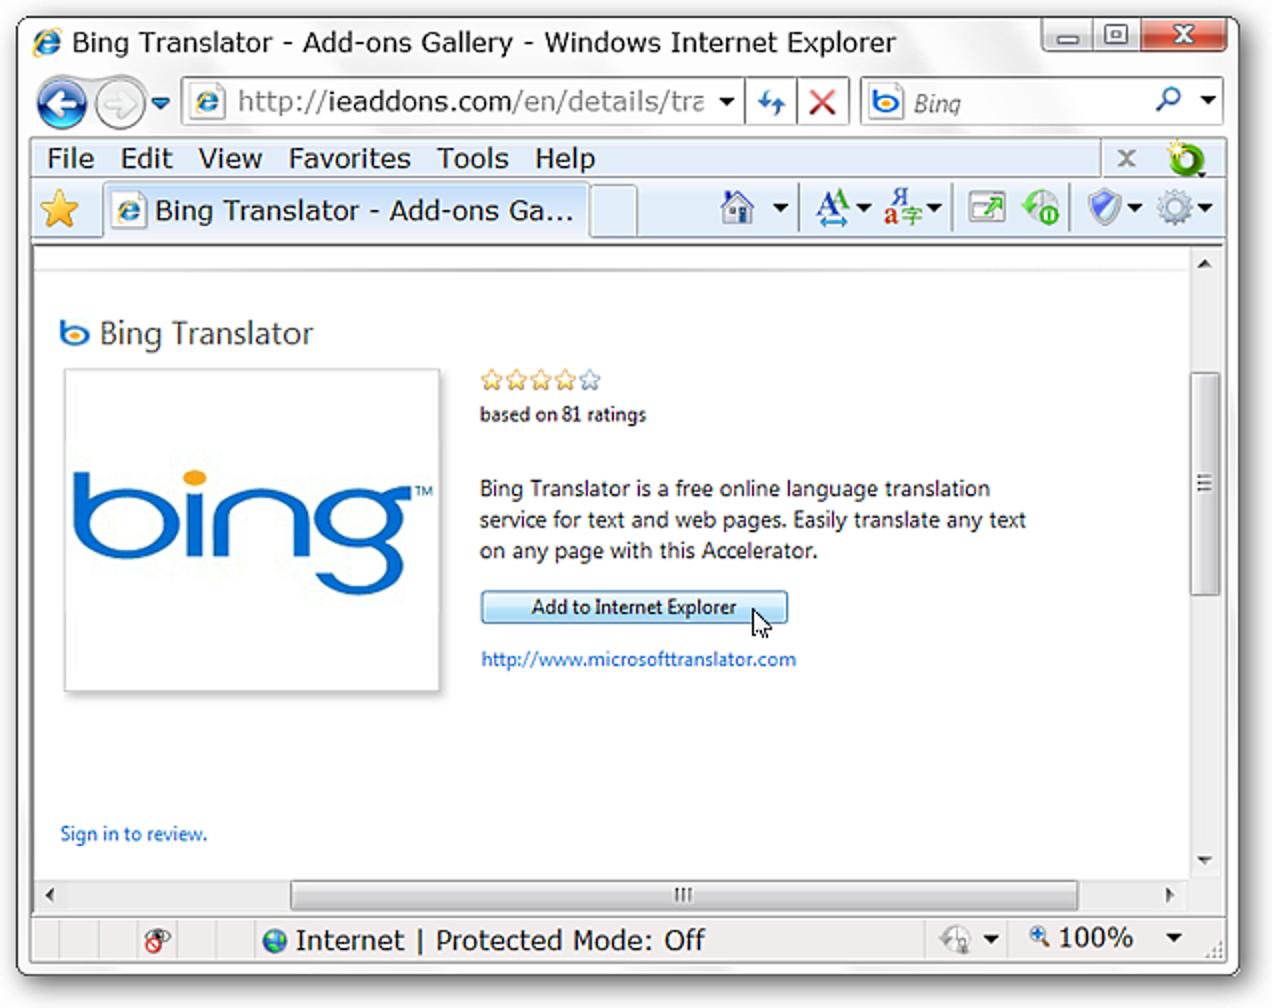 Übersetzen Sie Sprachen in IE 8 mit Bing Translator